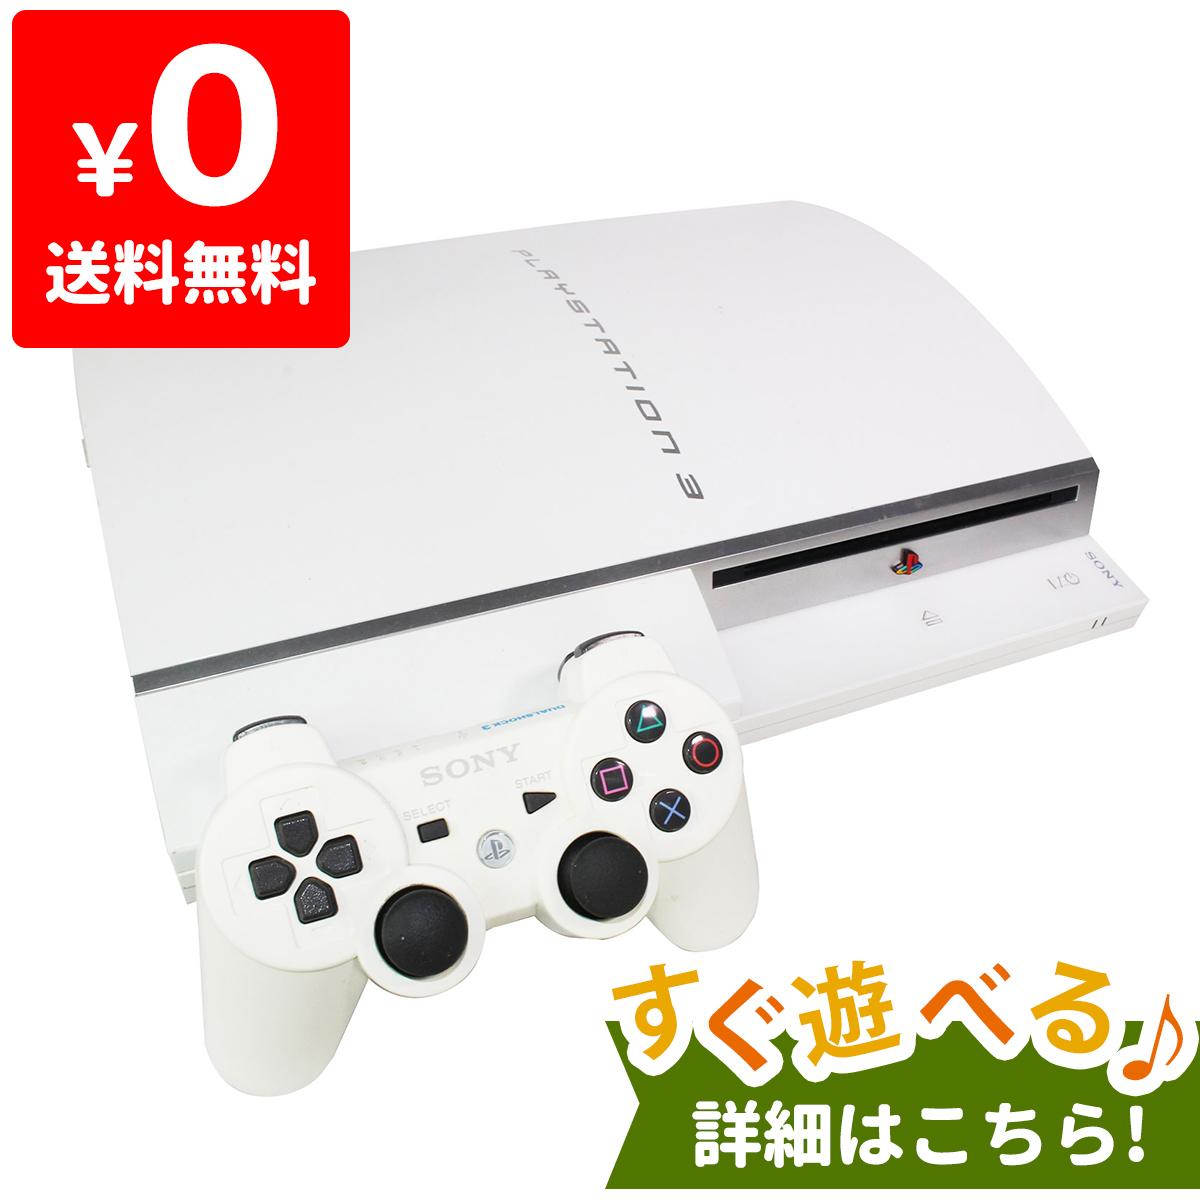 PS3 プレステ3 PLAYSTATION 3 80GB セラミックホワイト SONY ゲーム機 中古 すぐ遊べるセット 4948872412032 送料無料 【中古】